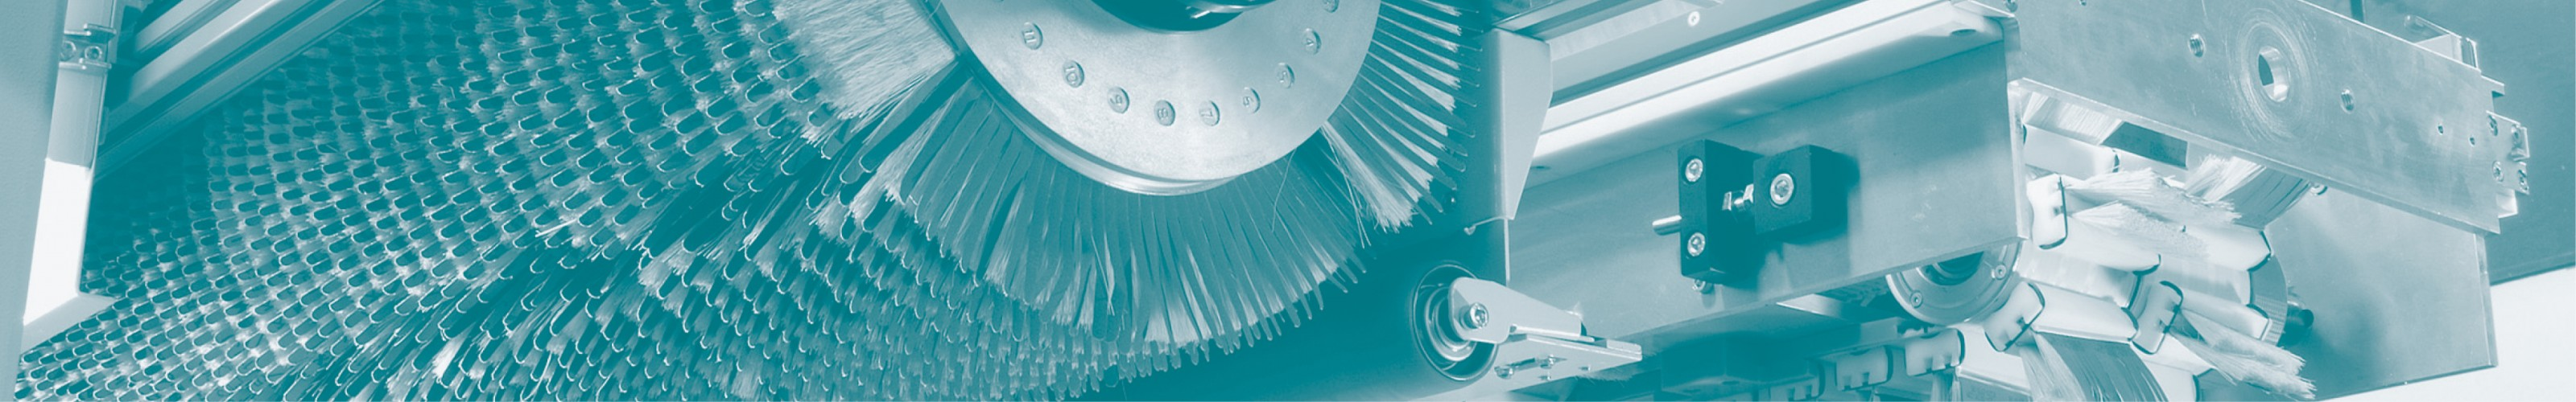 abrasive cleaning - brush unit